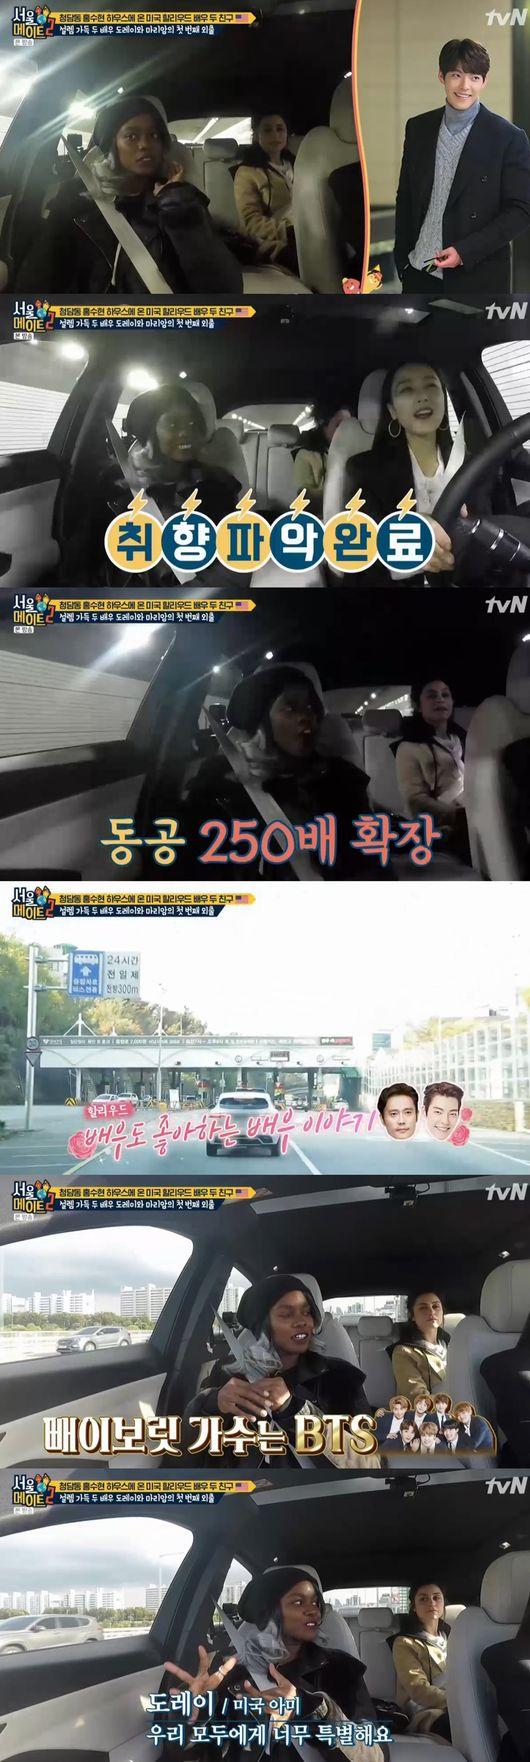 서울메이트2 홍수현의 美 메이트, BTS·김우빈·이병헌 팬 특별해[Oh!쎈리뷰]